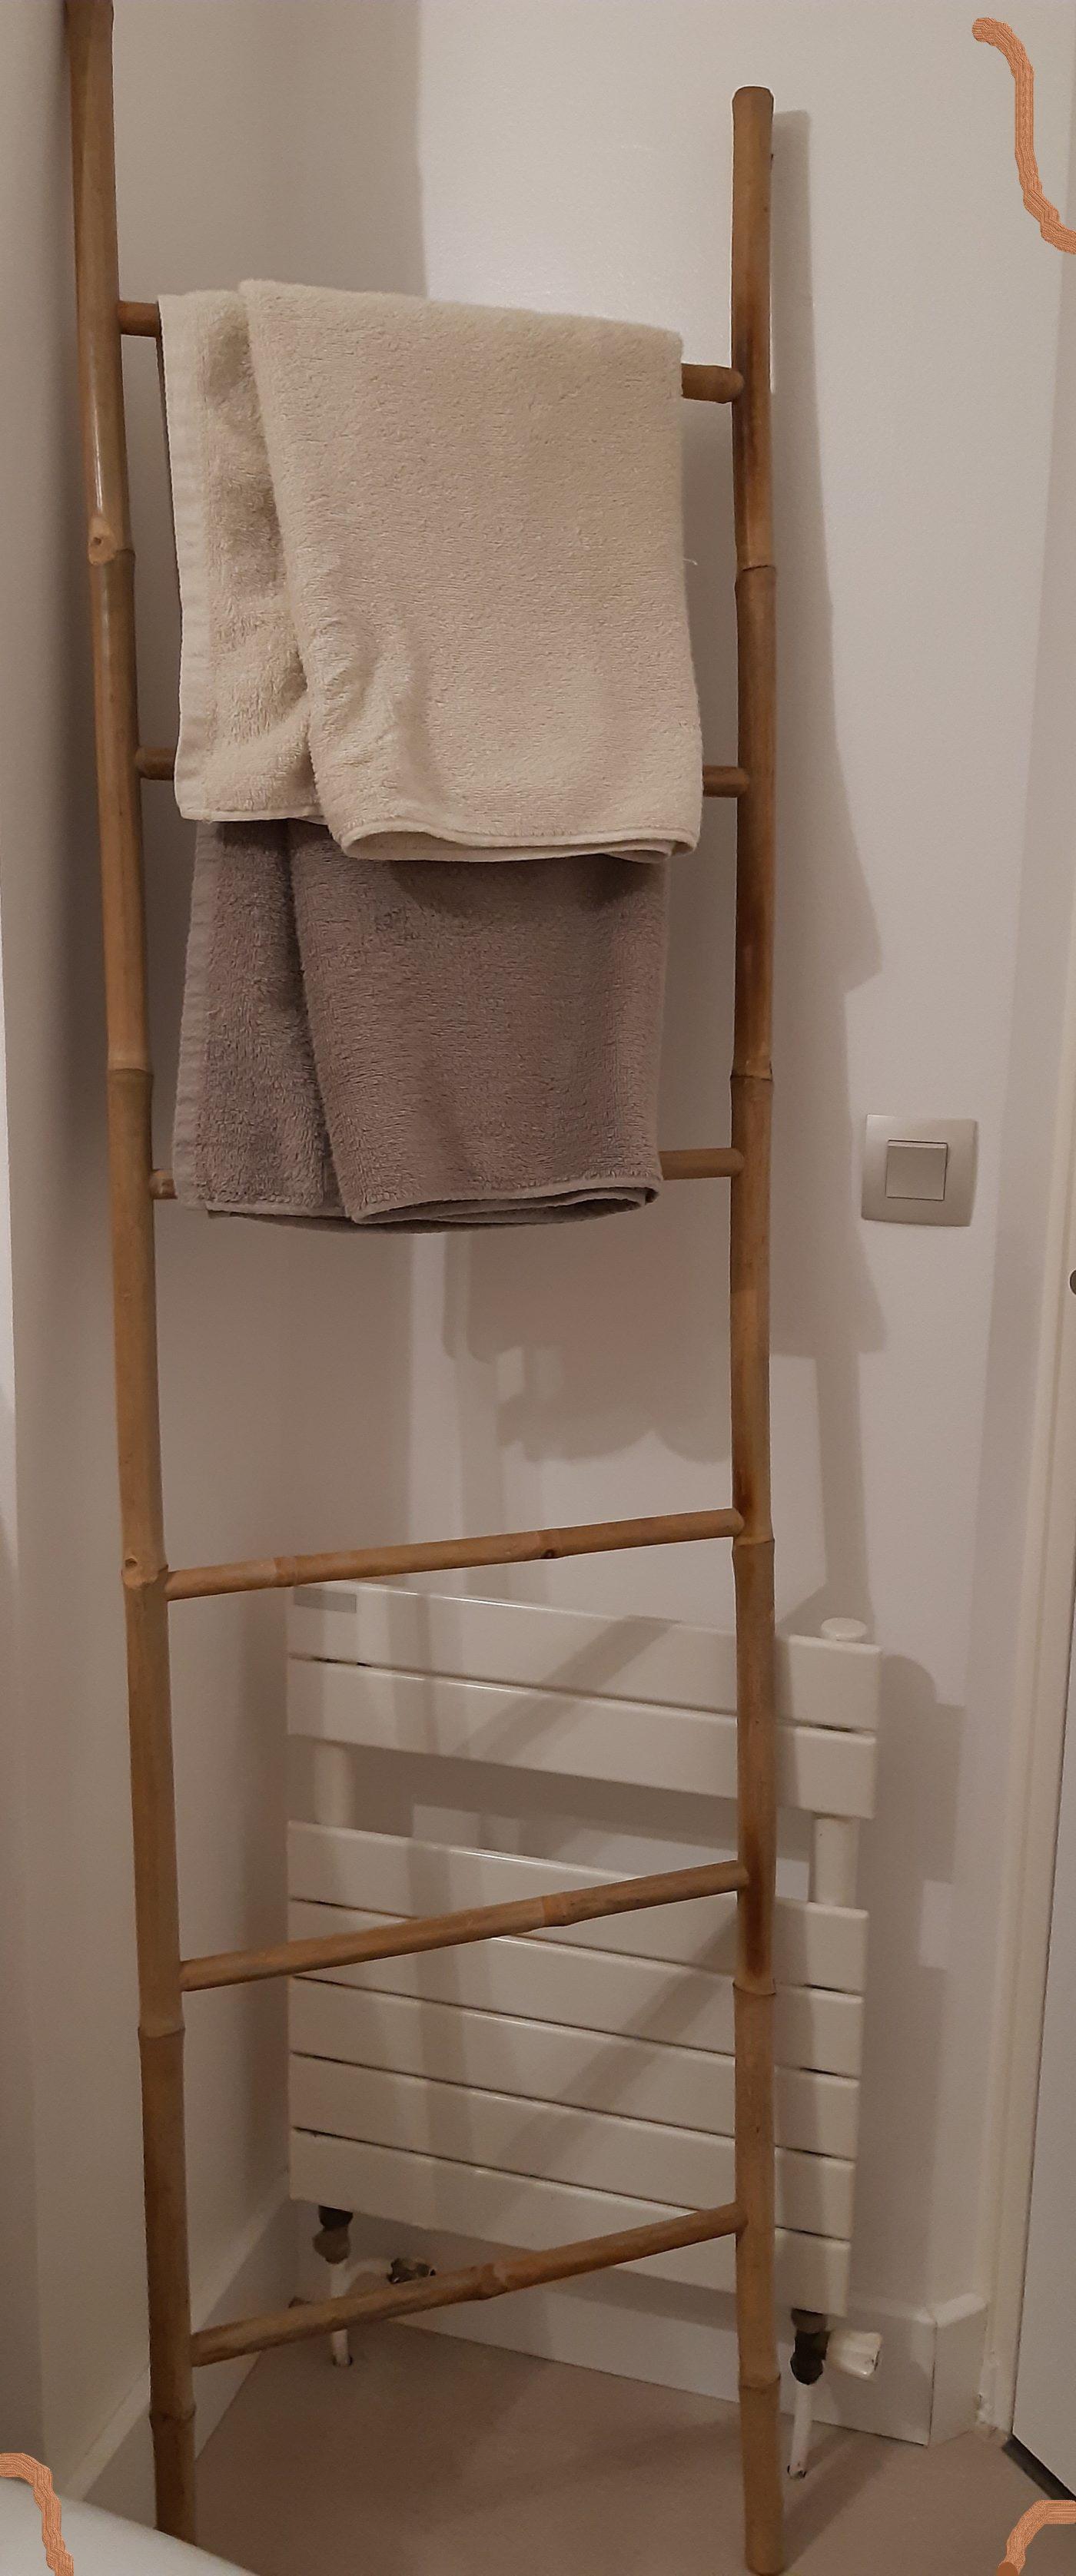 Echelle de salle de bain en bambou naturel